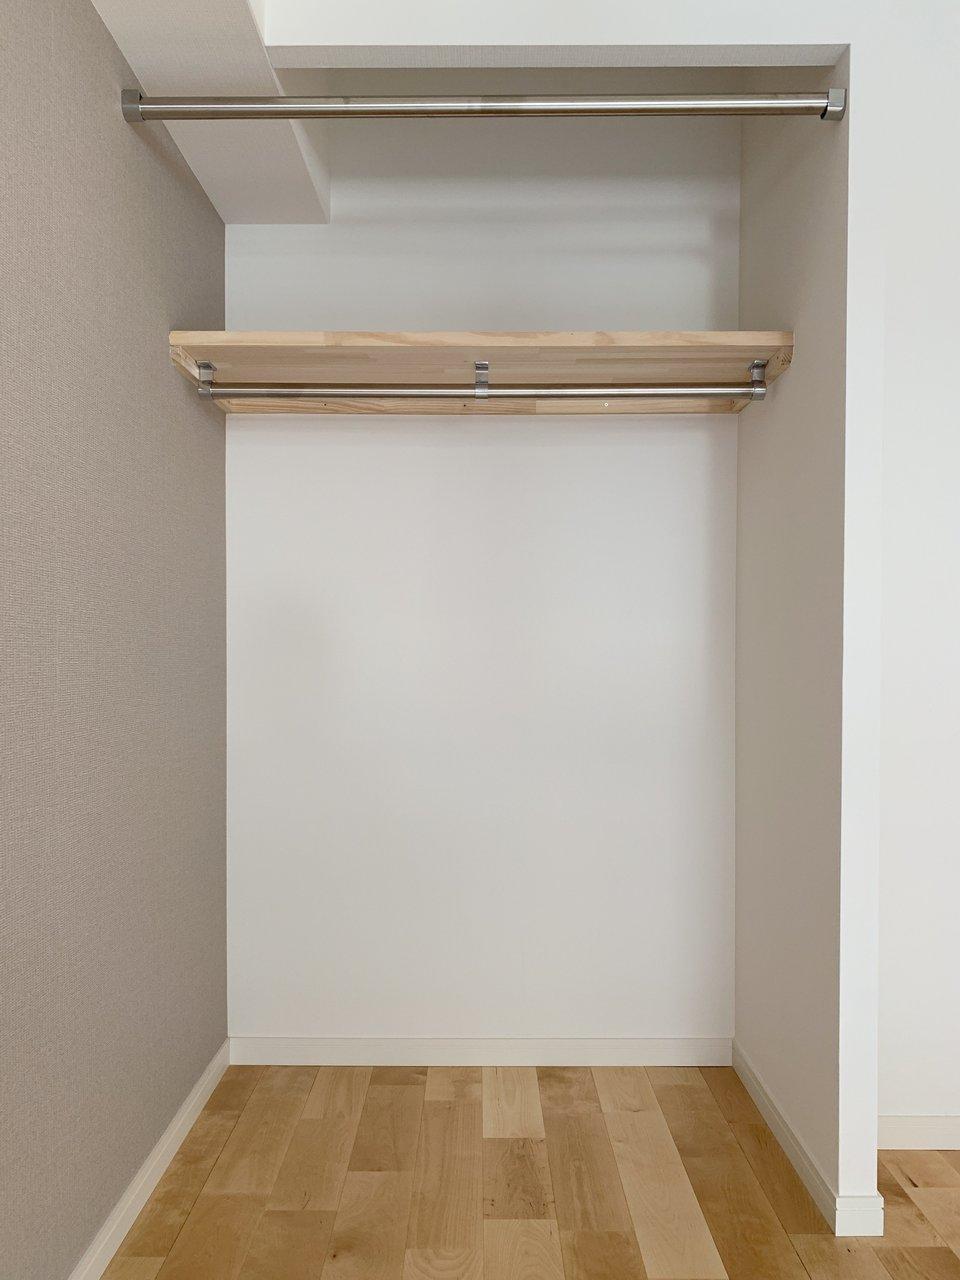 収納スペースもしっかり完備。オープンタイプですがポールがついているので、目隠し用のカーテンも取り付けられます。